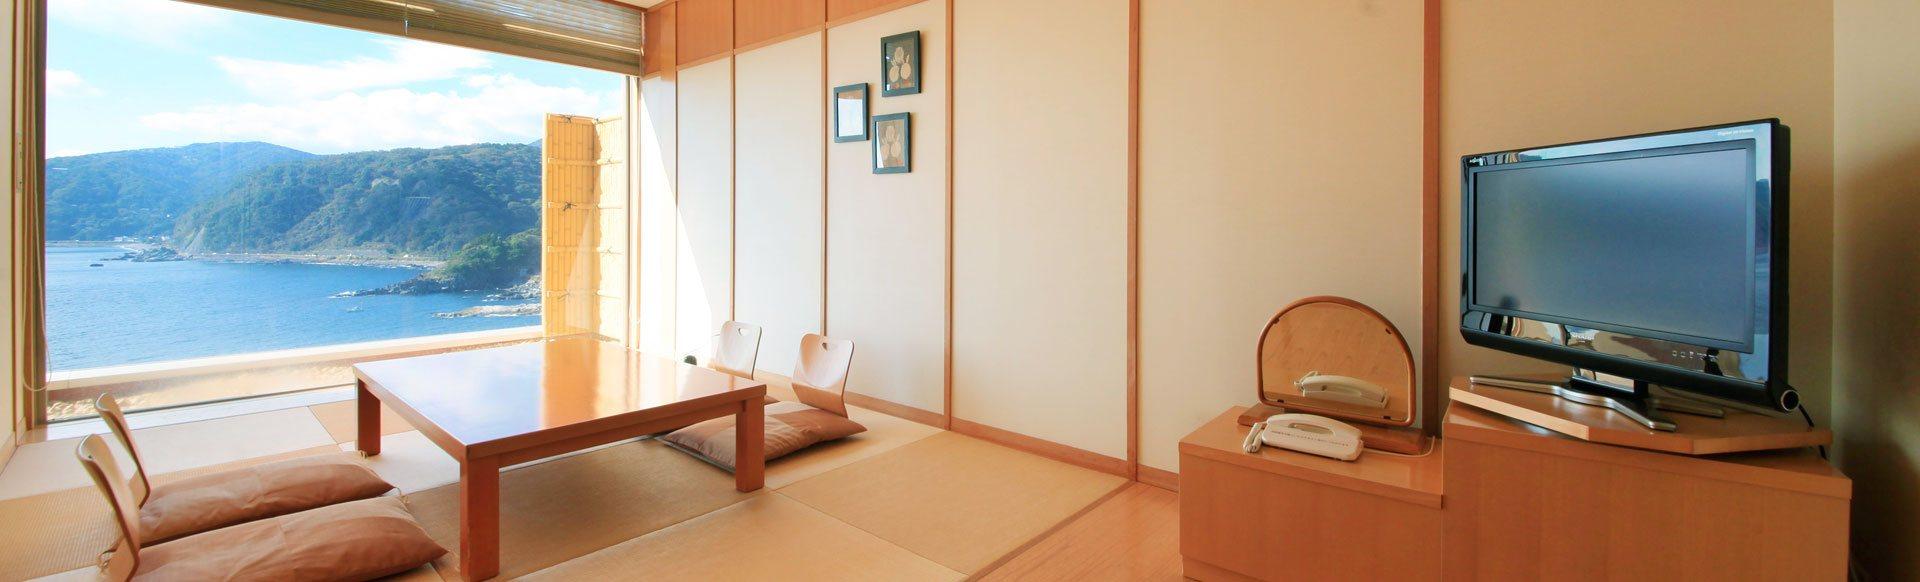 露天風呂付き個室